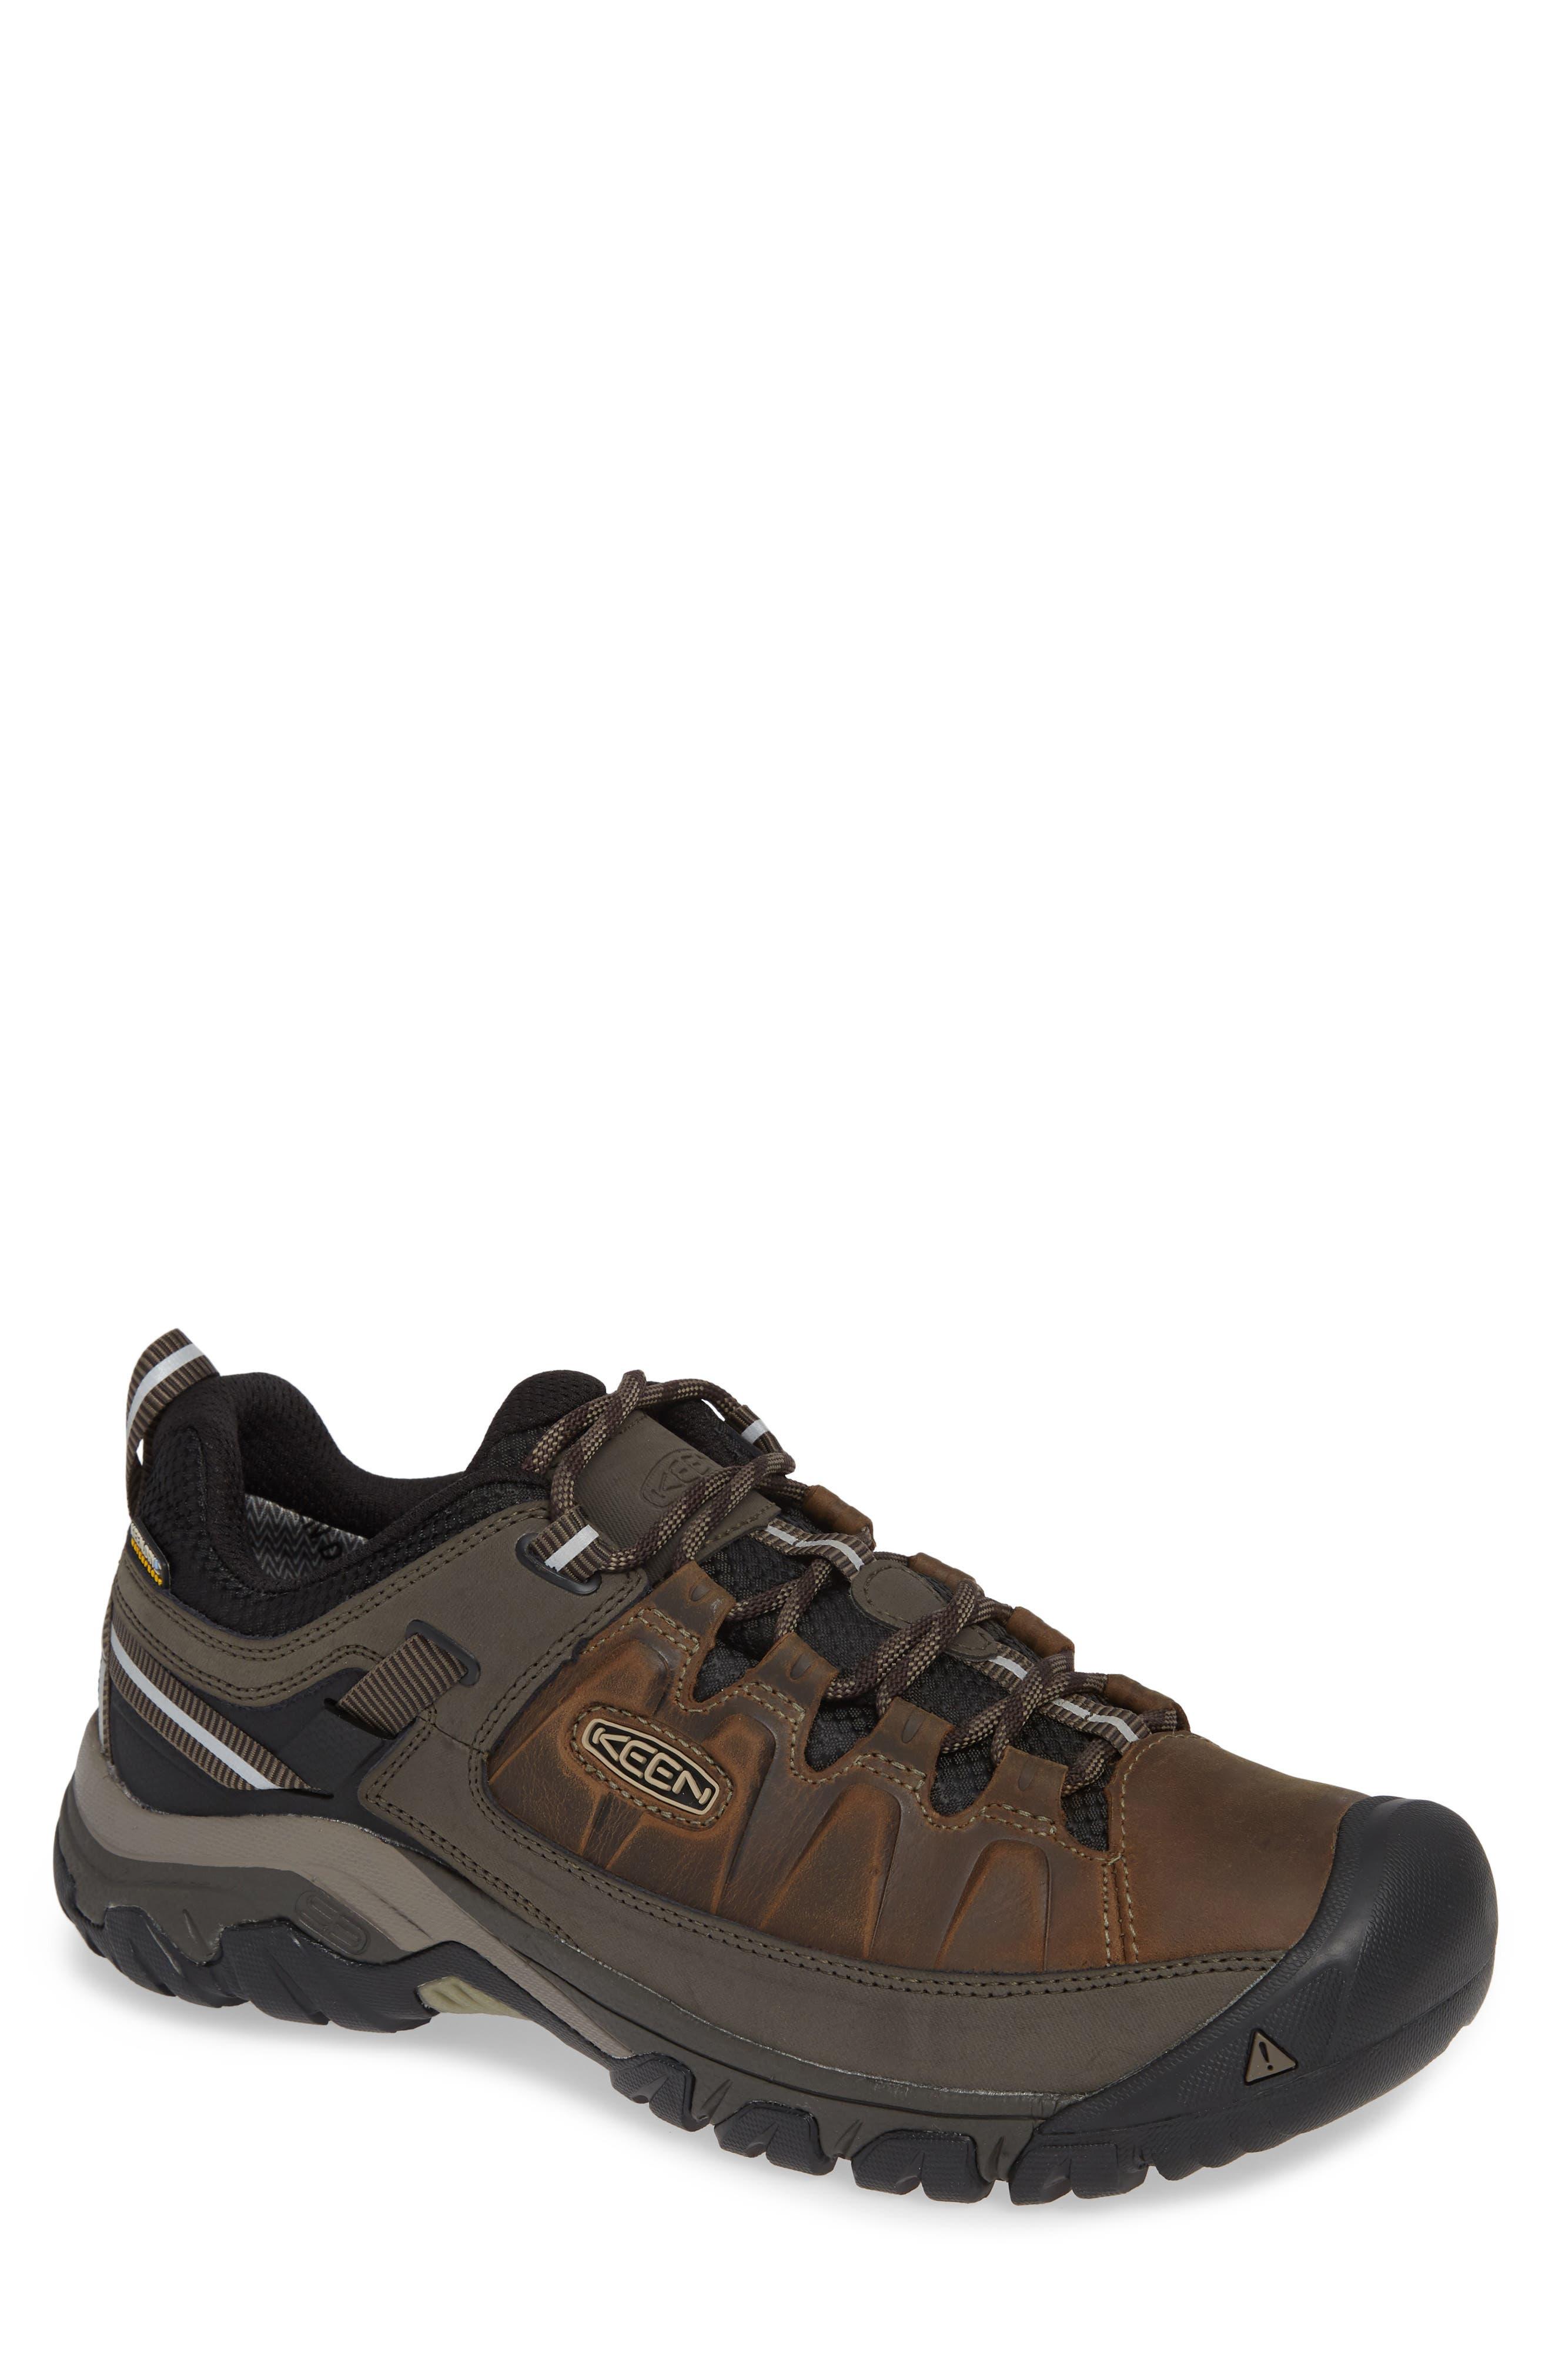 Targhee III Waterproof Wide Hiking Shoe,                         Main,                         color, BUNGEE CORD/ BLACK